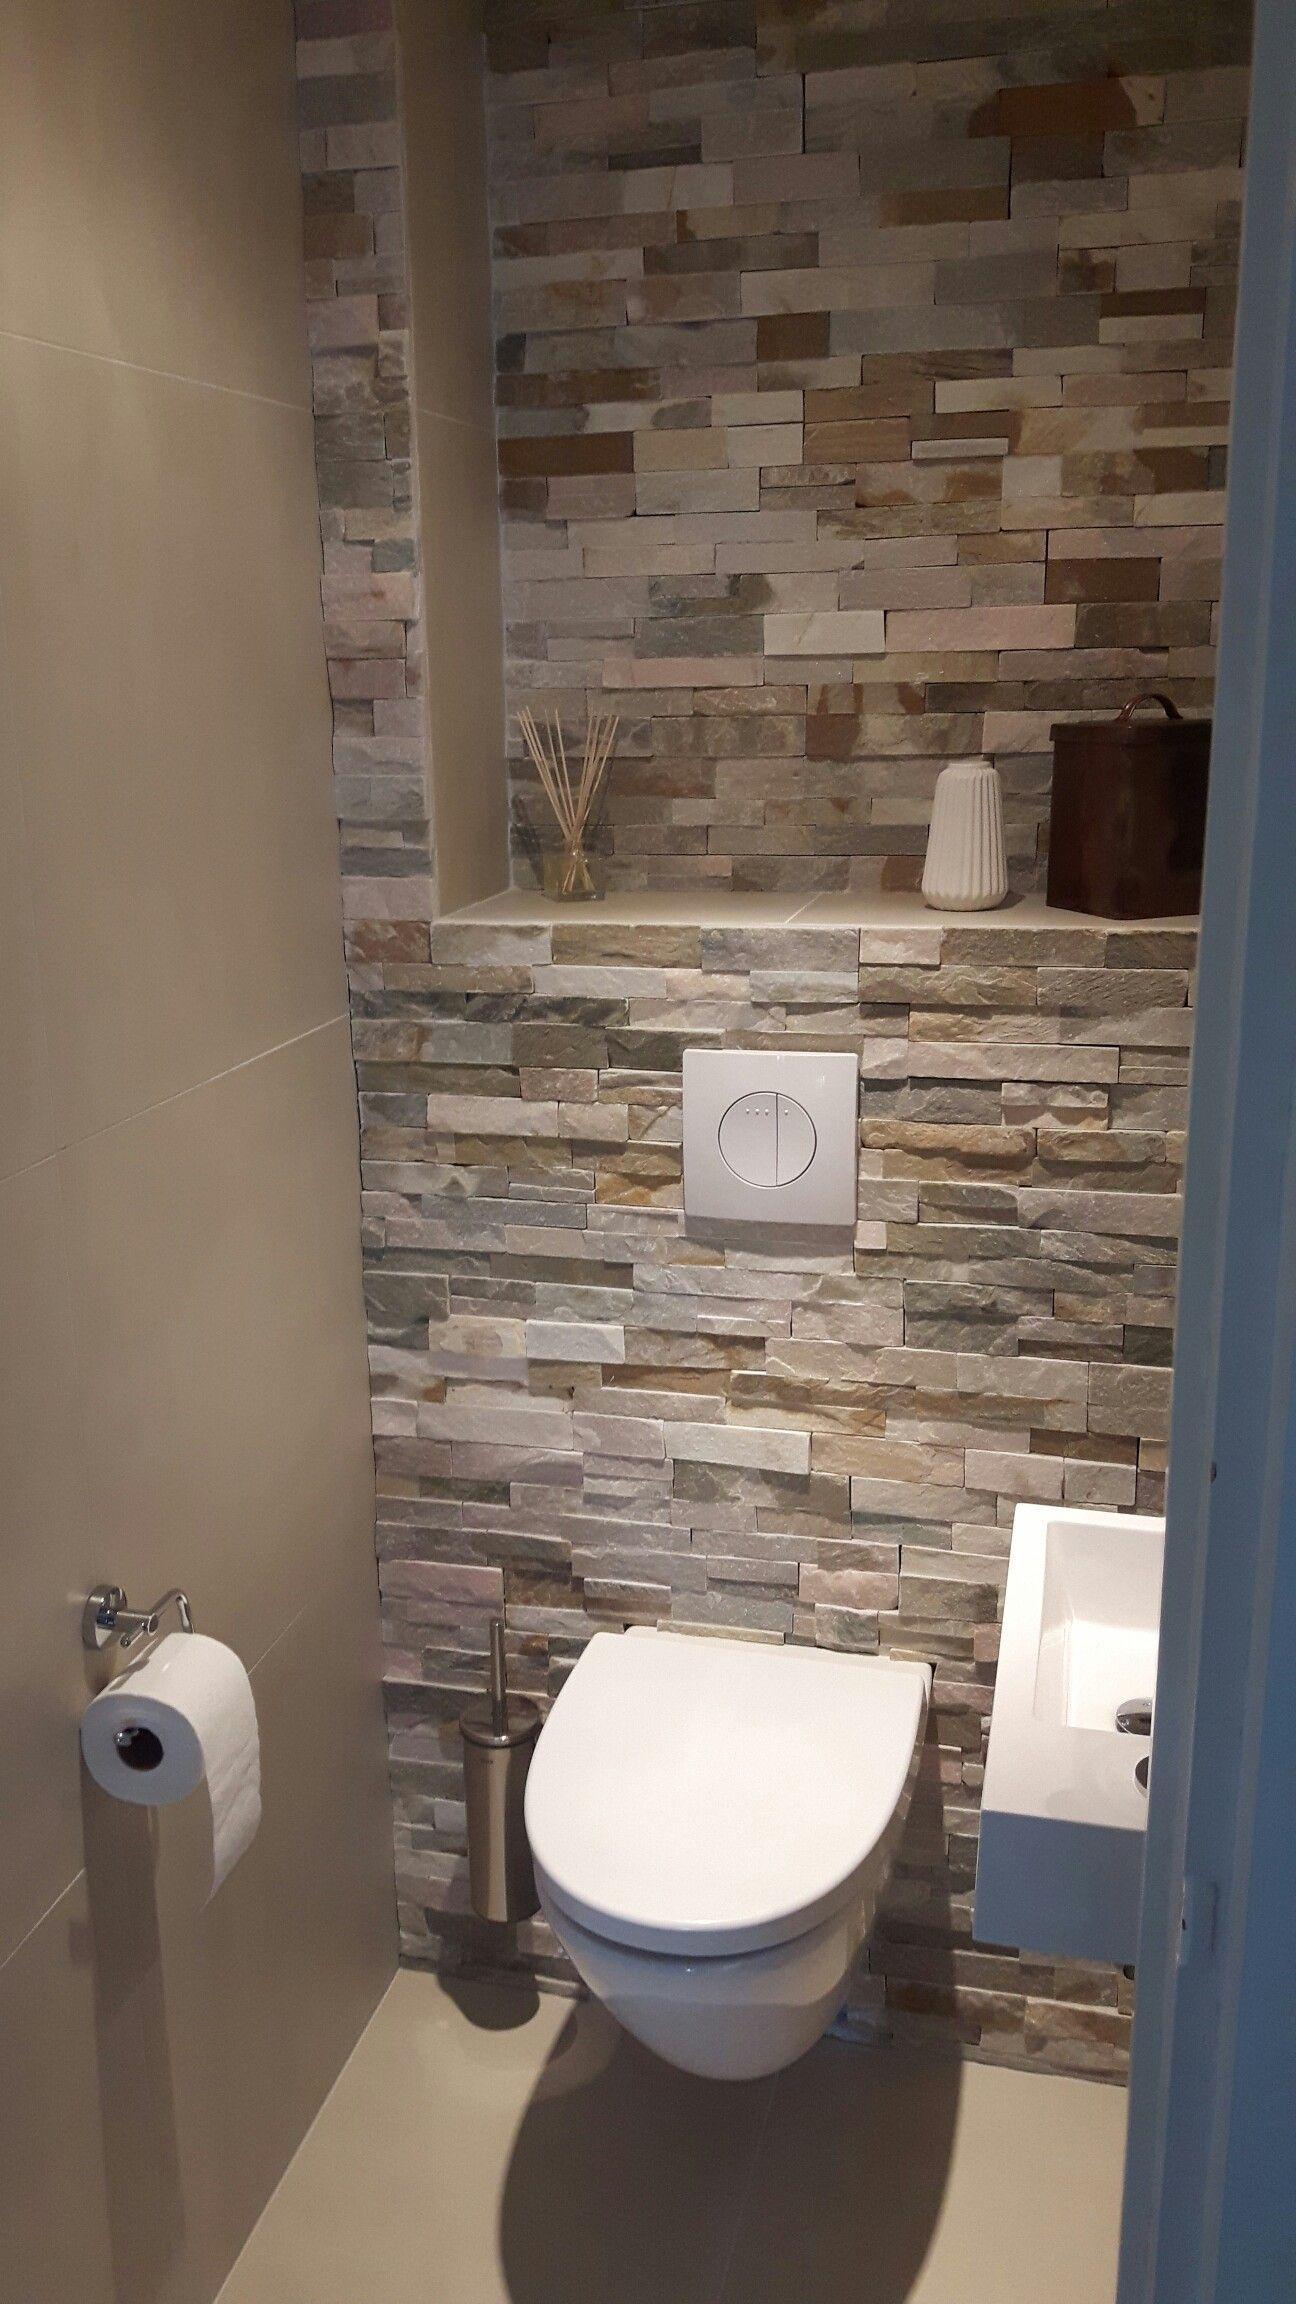 Kleines Bad WC Ideen - Kleines Bad WC Ideen – Trends in der Möbel-layout gesehen haben, wesentliche änderungen in den l...  #Badezimmer #downstairsloo